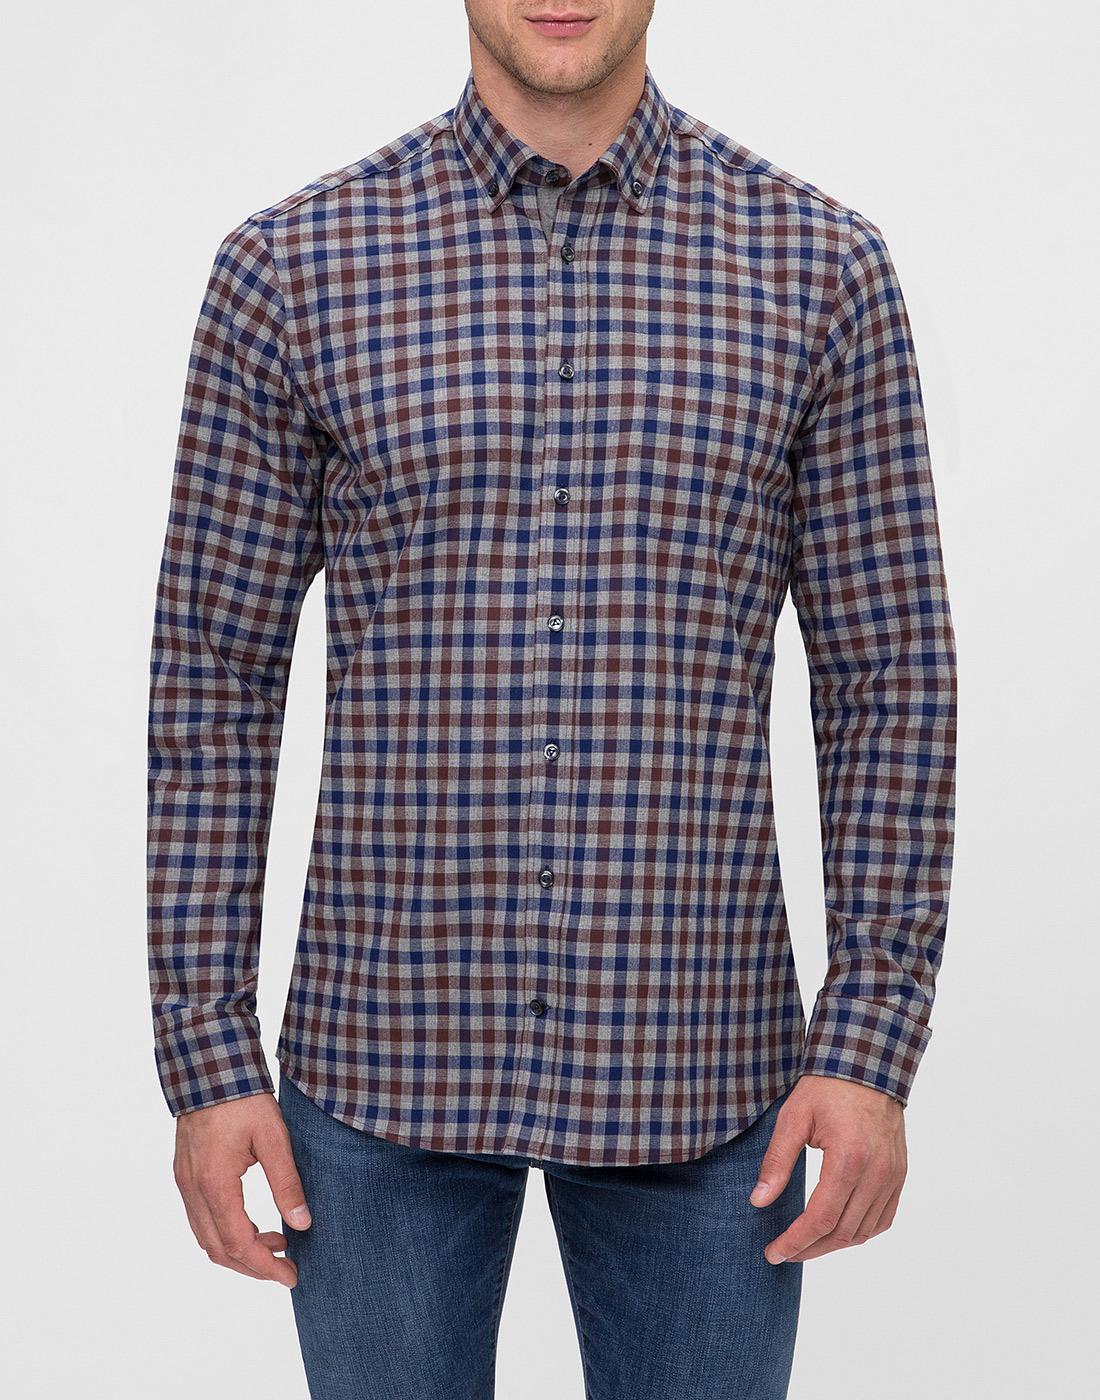 Мужская рубашка в клетку Van Laack S156193/780-2